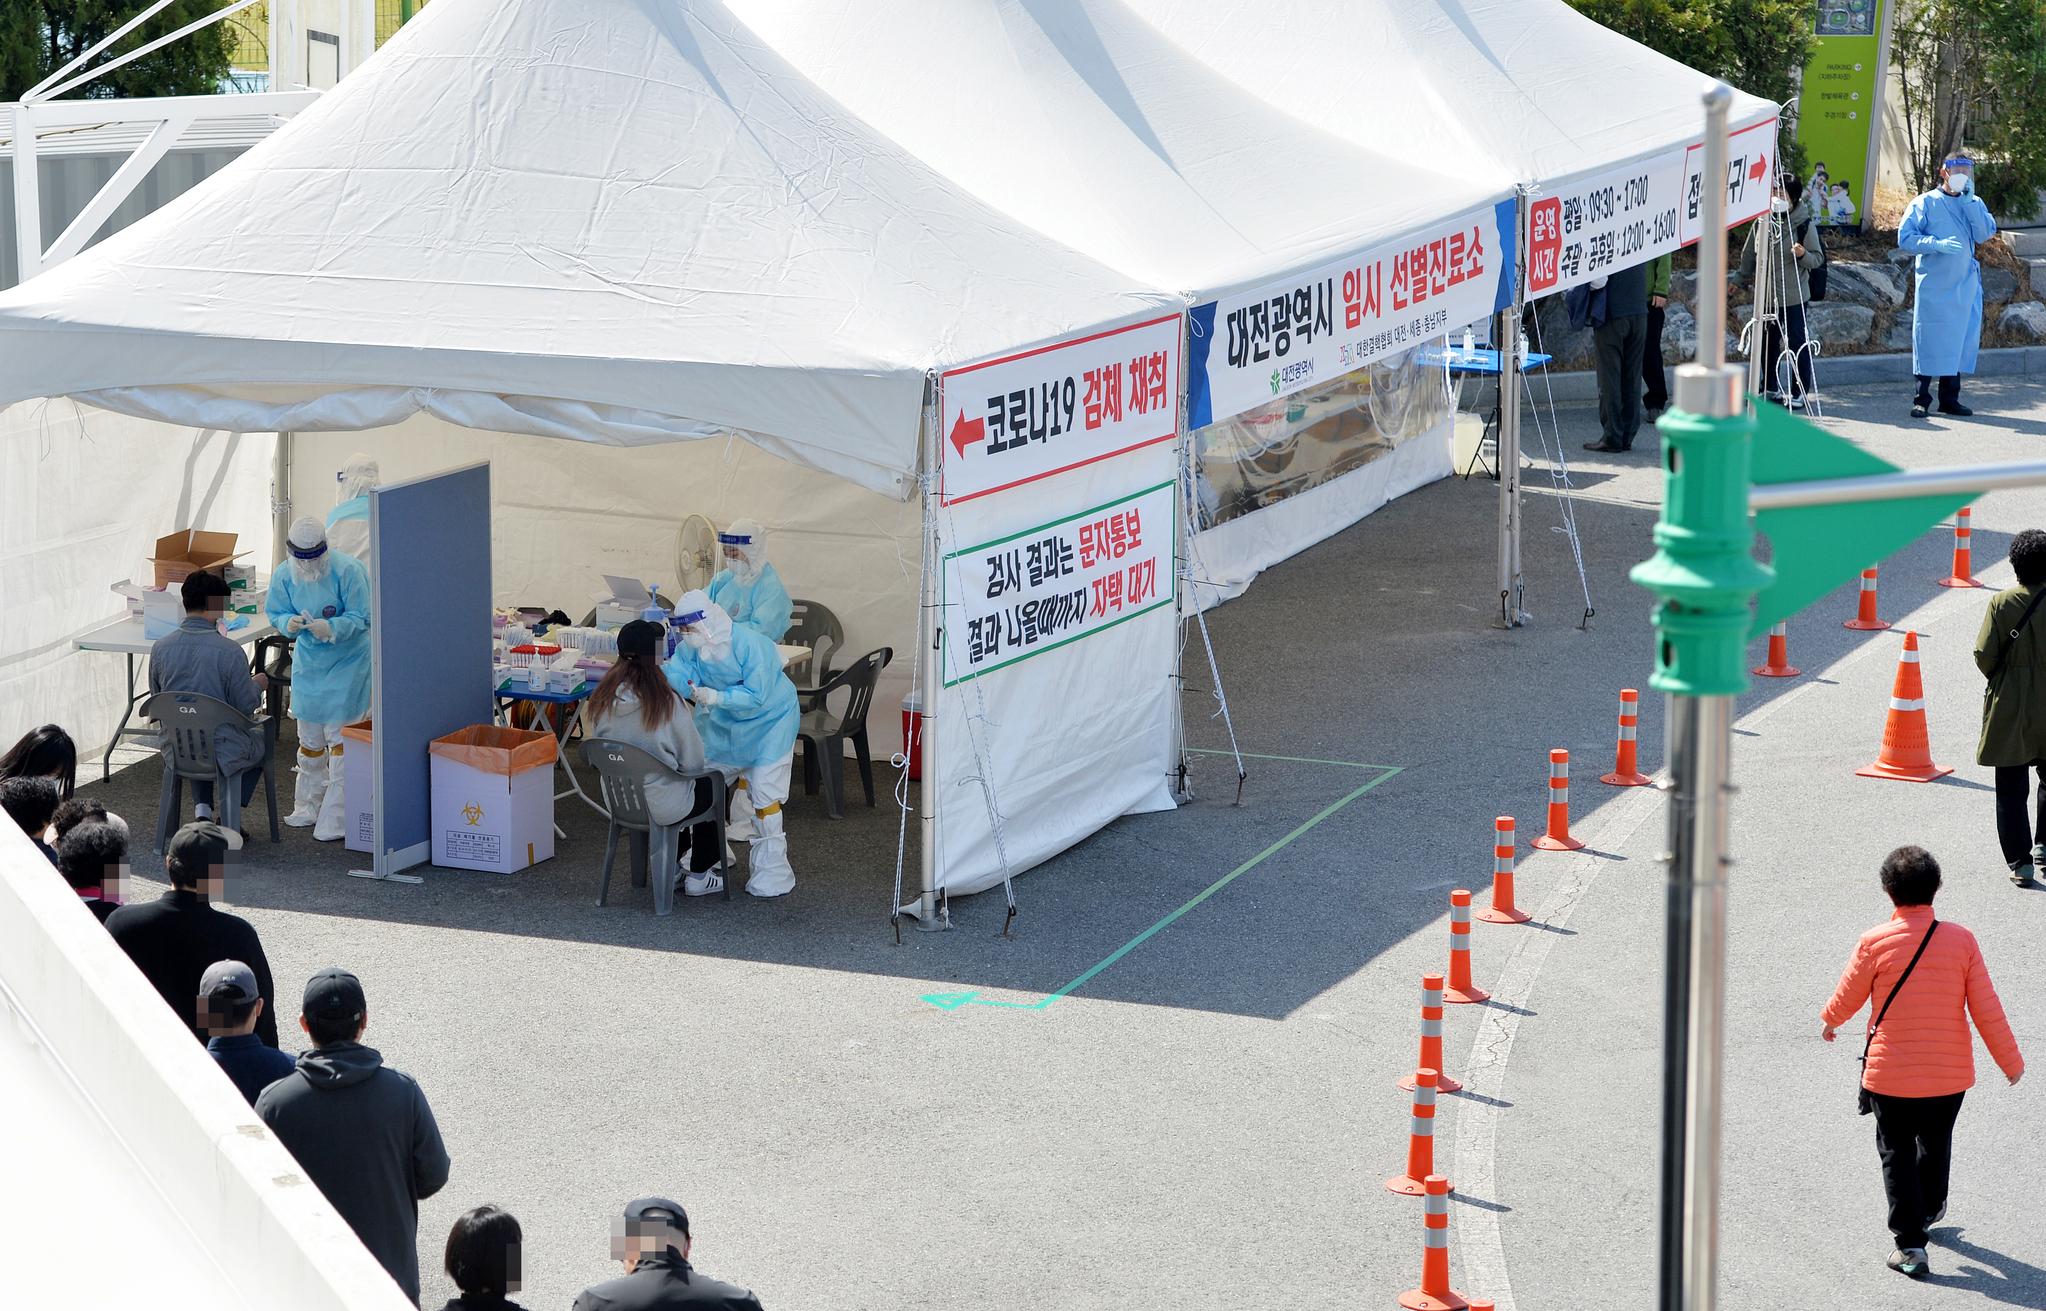 신종 코로나바이러스 감염증(코로나19) 확산 비상이 걸린 3월 31일 대전 한밭체육관 앞에 마련된 코로나19 선별진료소에서 의료진들이 시민들을 분주히 검사하고 있다. 중앙포토